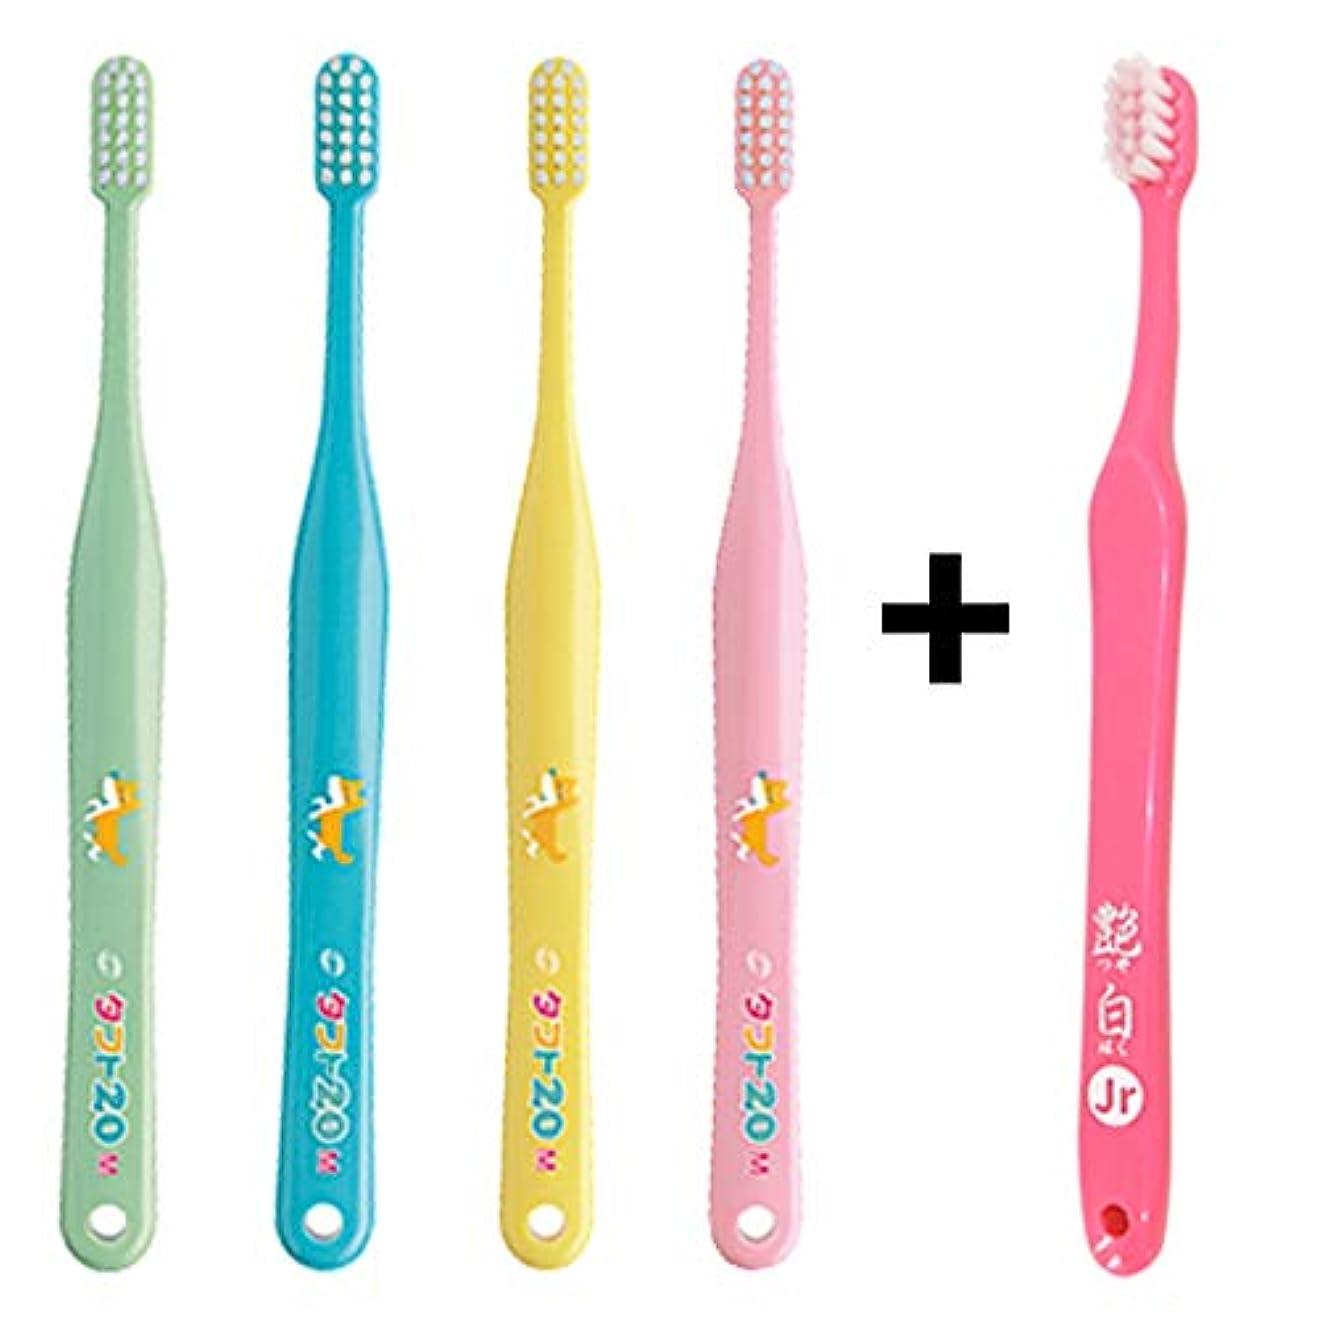 出力ポジティブ専らタフト20 M(ふつう) こども 歯ブラシ×10本 + 艶白(つやはく) Jr ジュニア ハブラシ×1本 MS(やややわらかめ) 日本製 歯科専売品